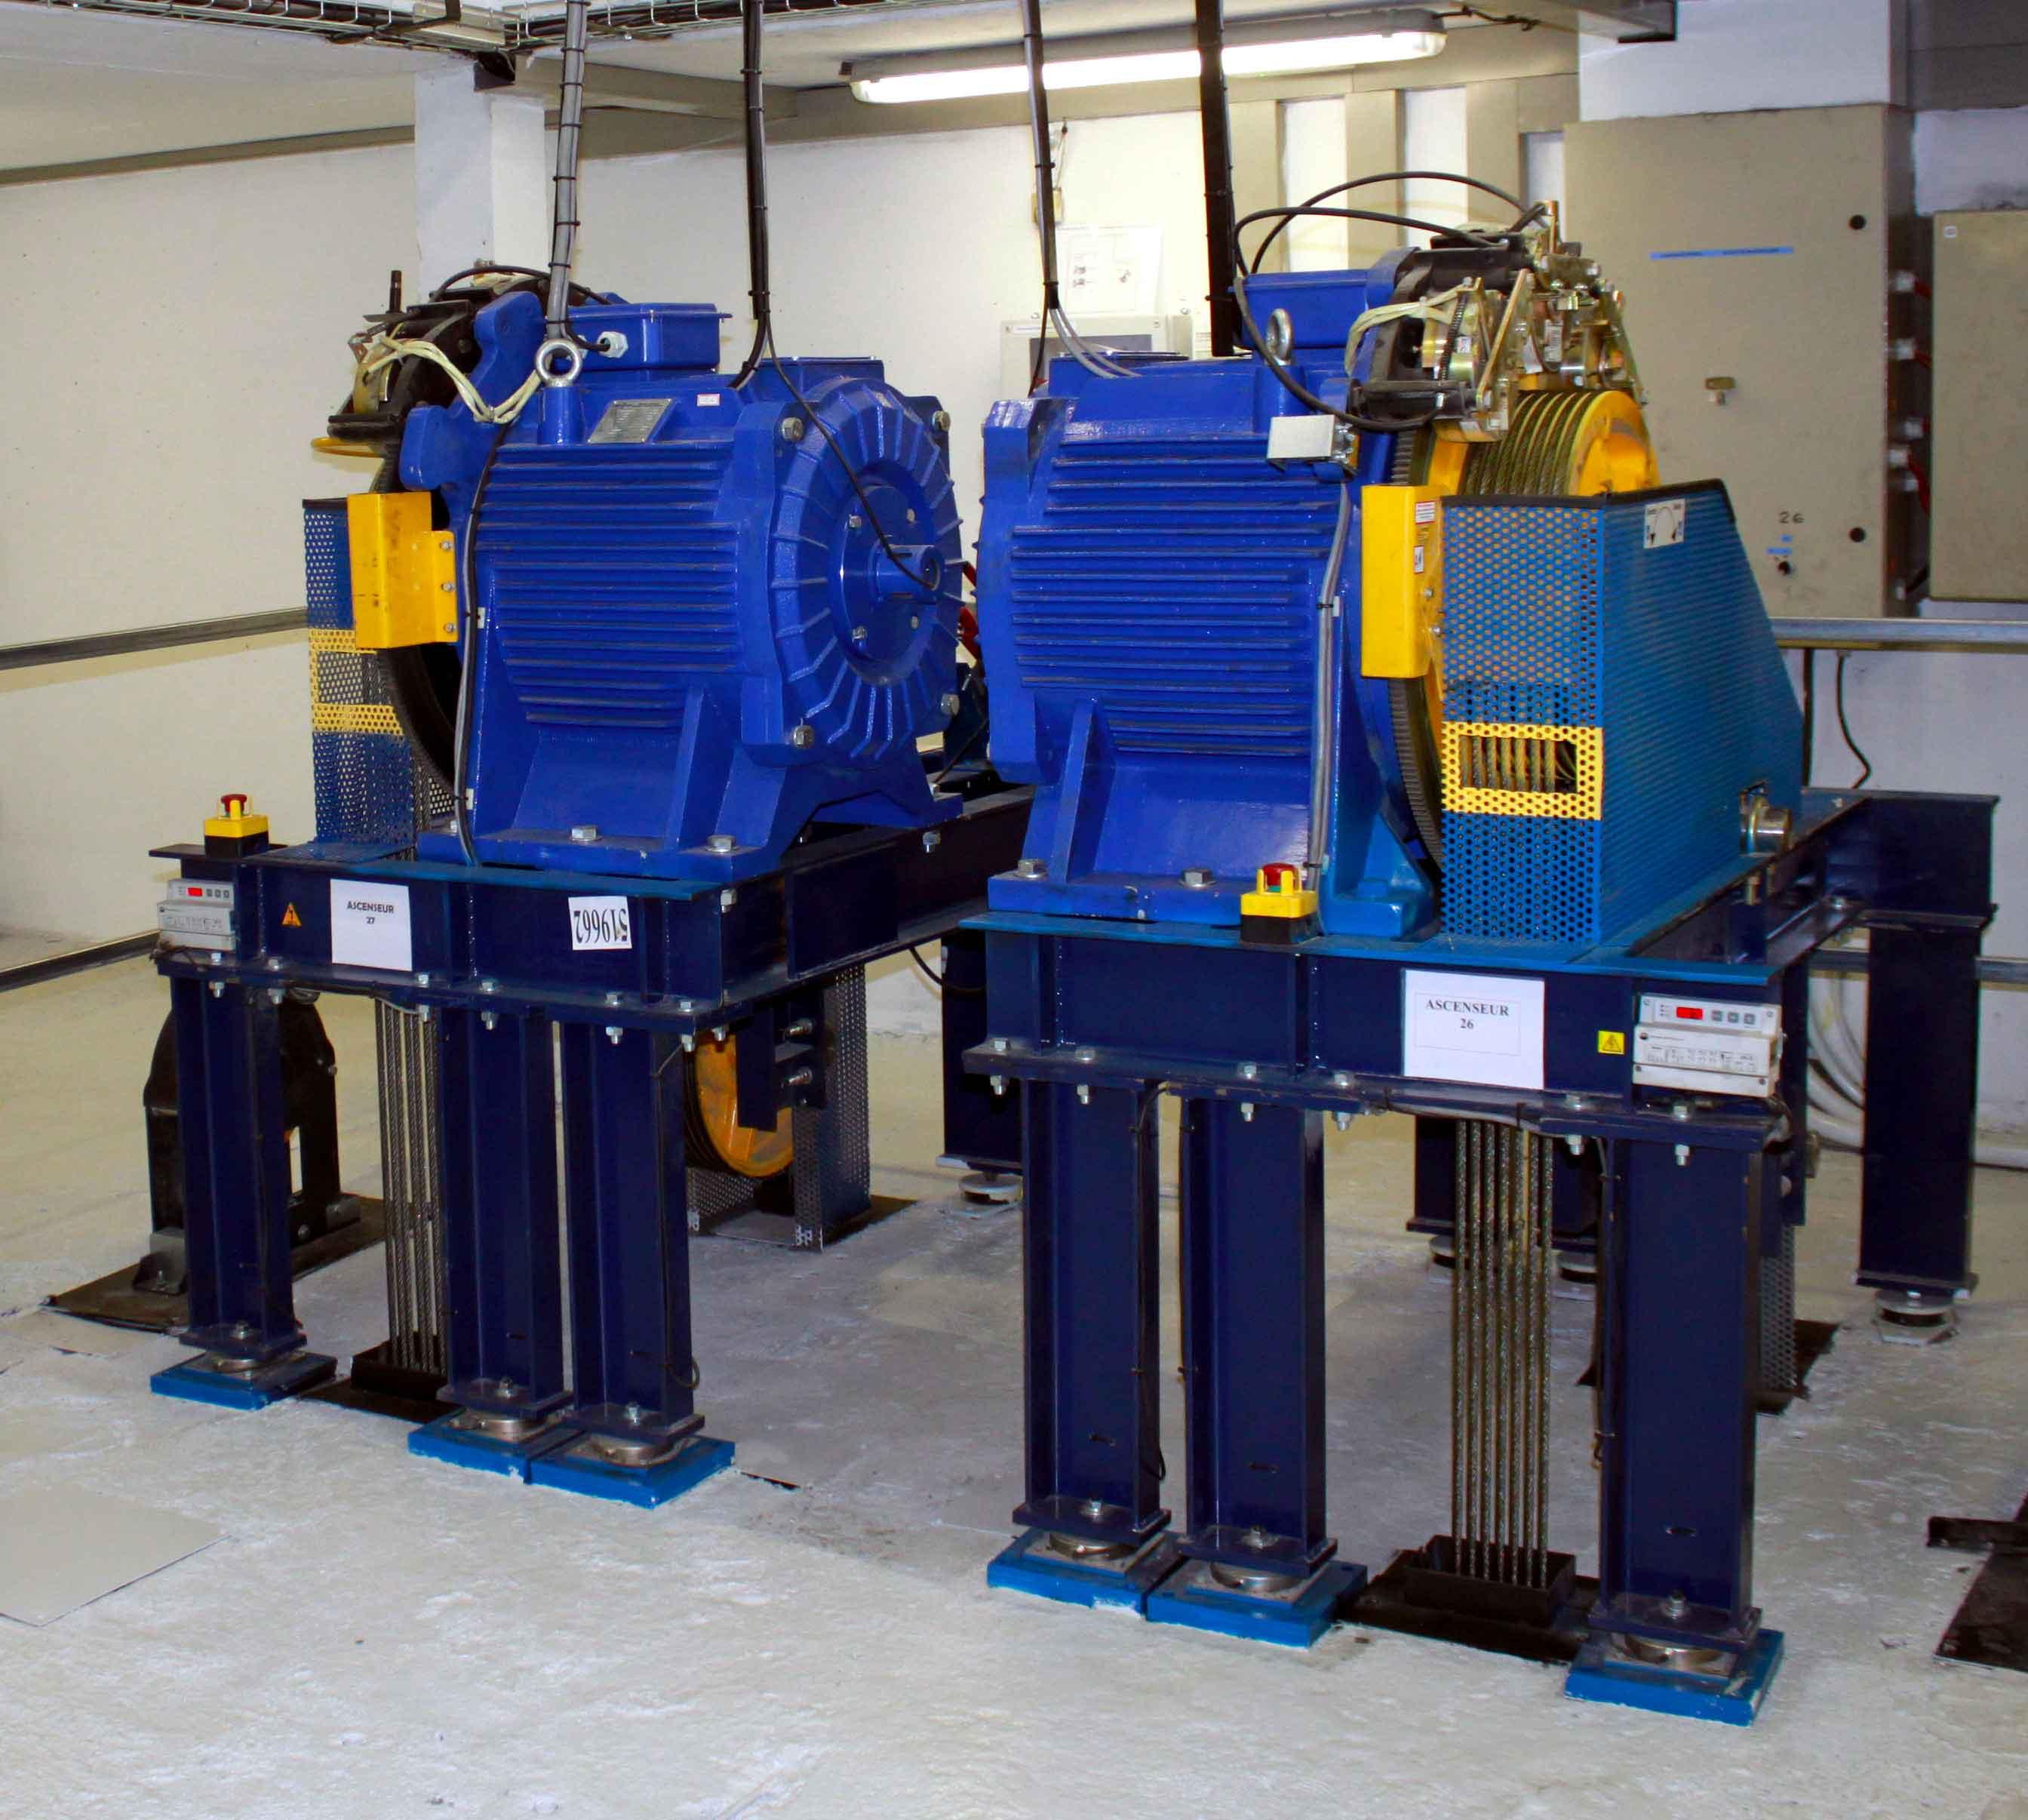 motorisation-gearless-ascenseur-ACAF-modernisation